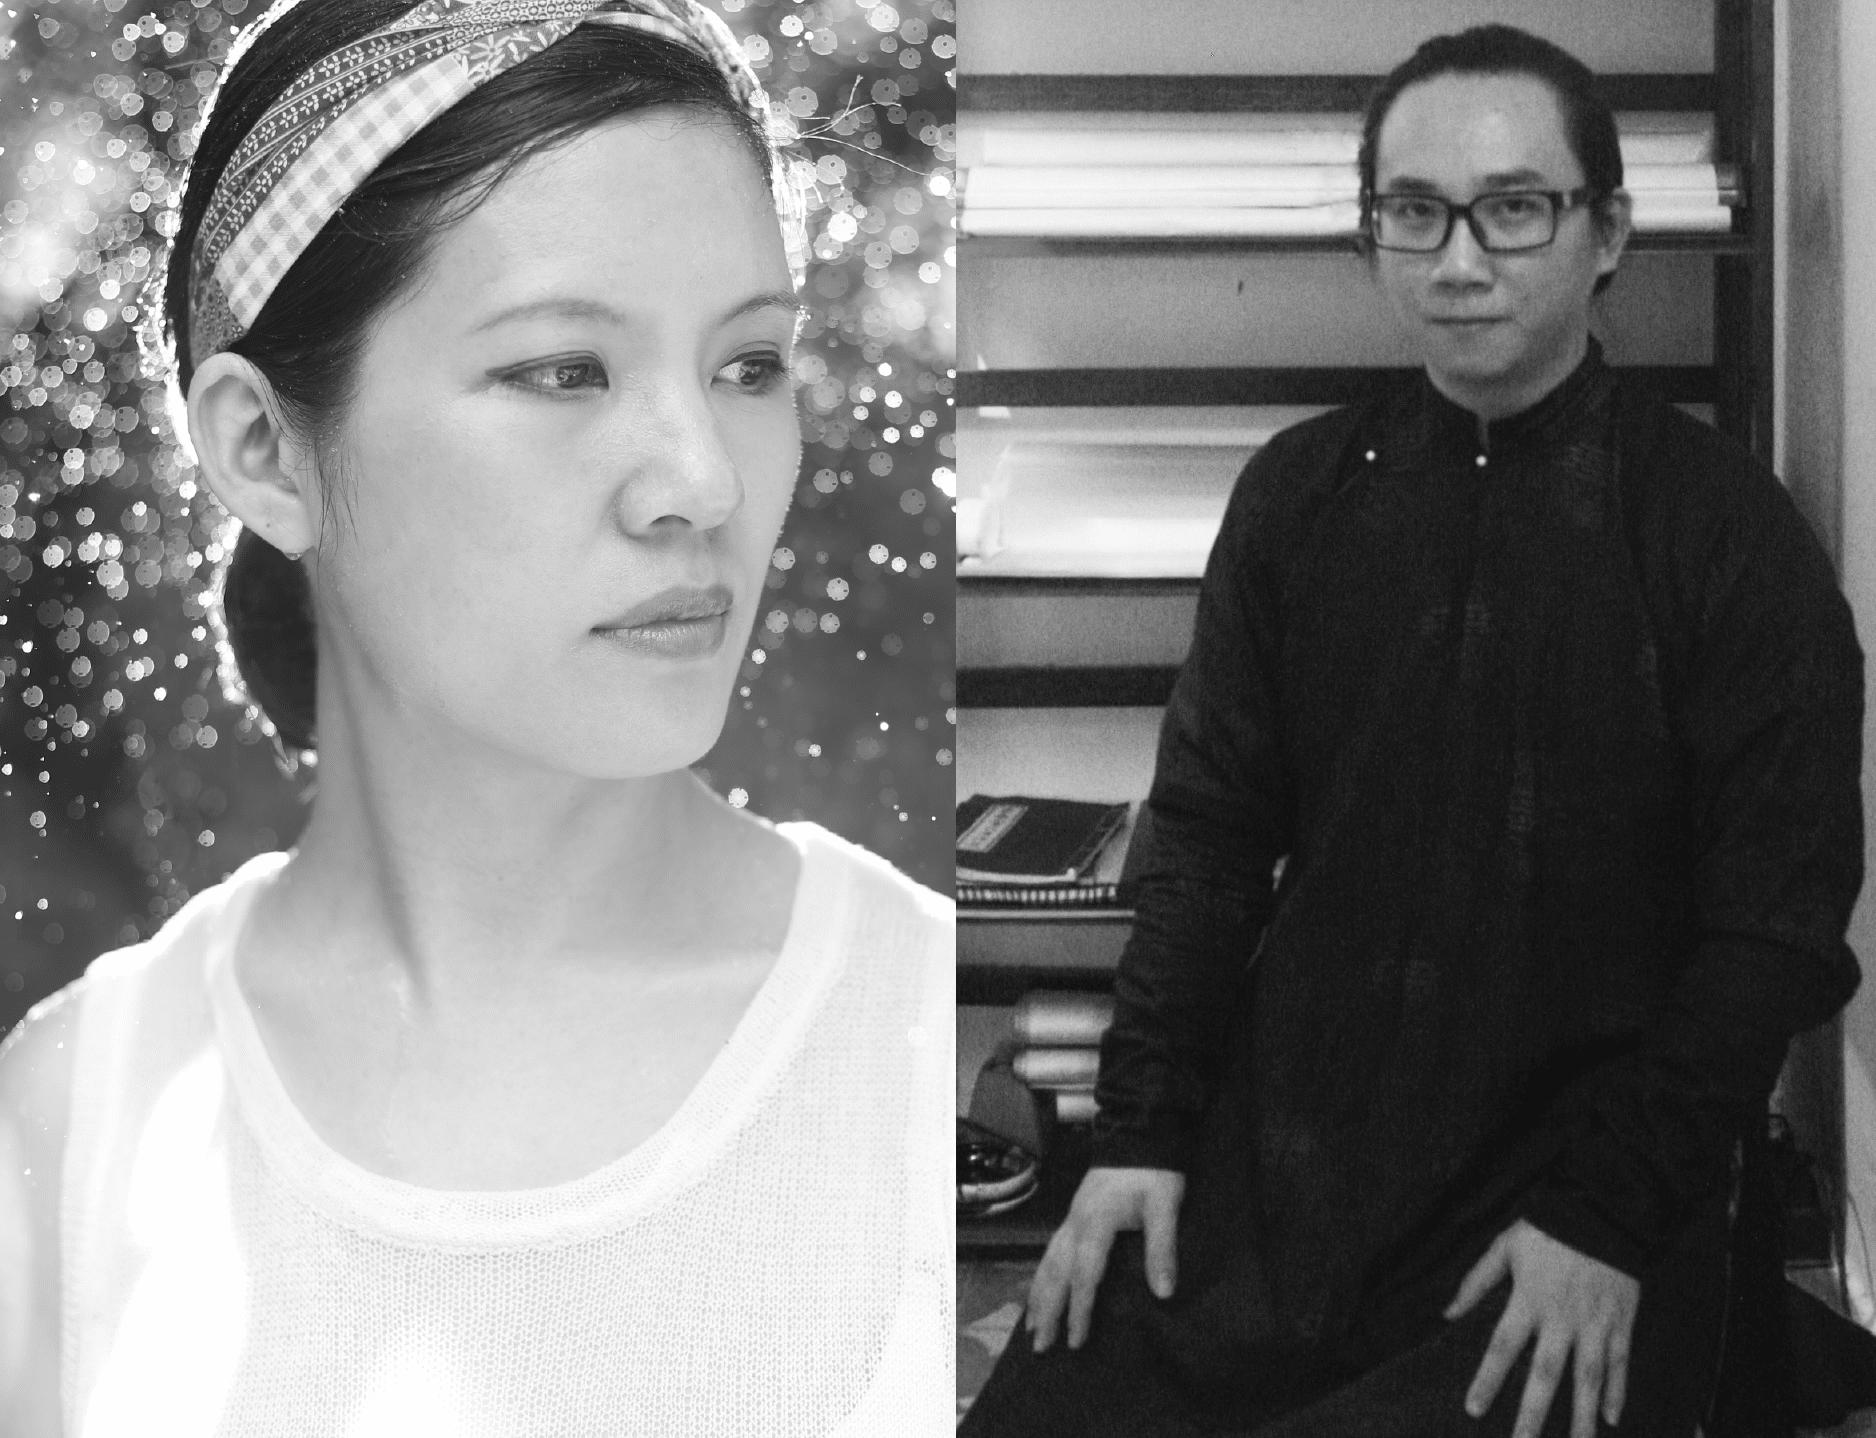 Đối thoại: Võ Trân Châu cùng Trần Quang Đức